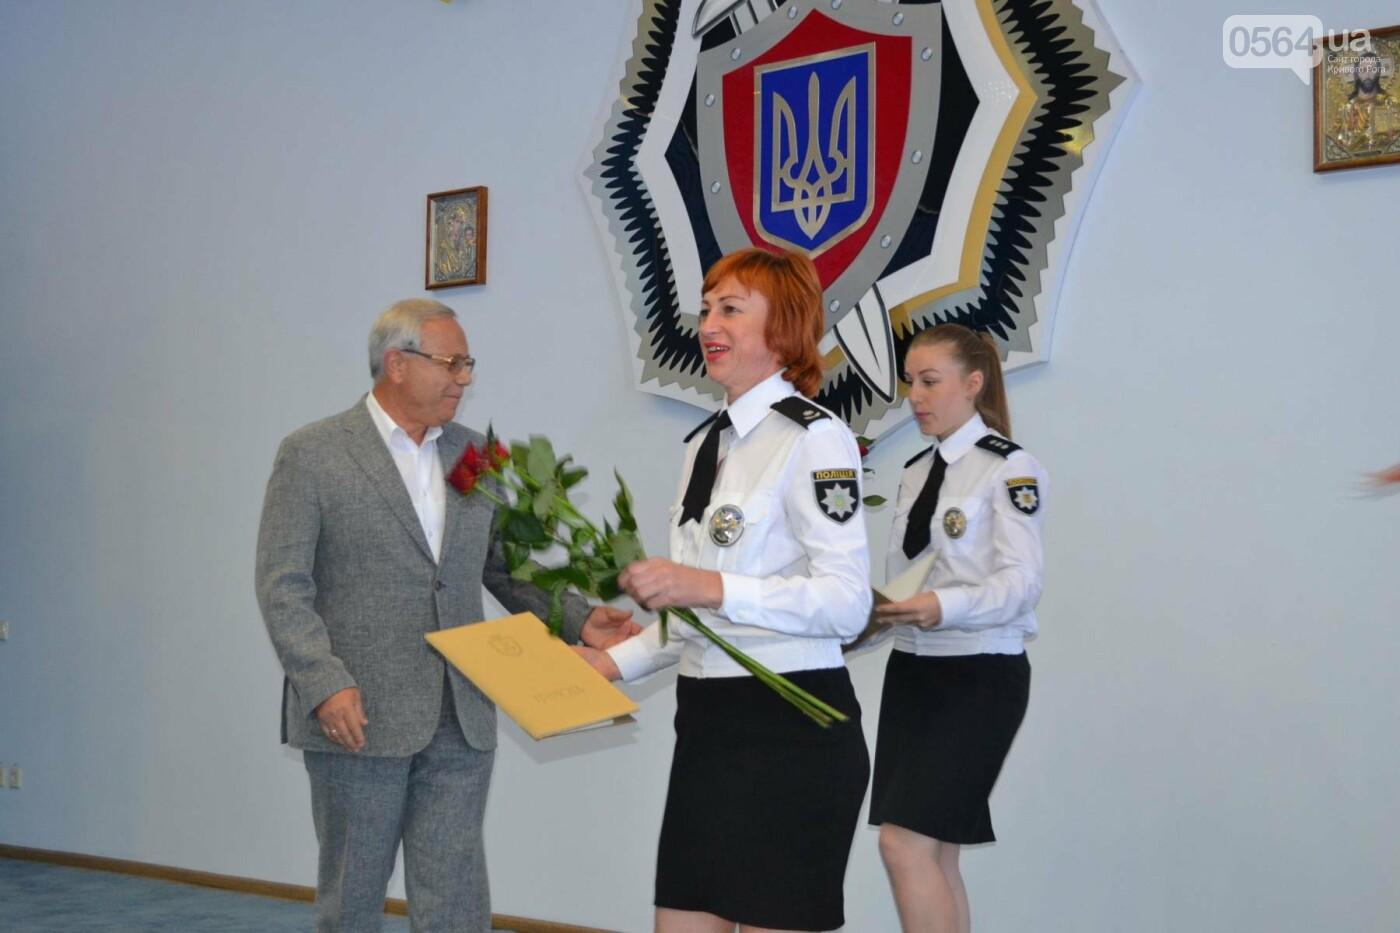 Криворожских полицейских поздравили с профессиональным праздником, - ФОТО, ВИДЕО, фото-12